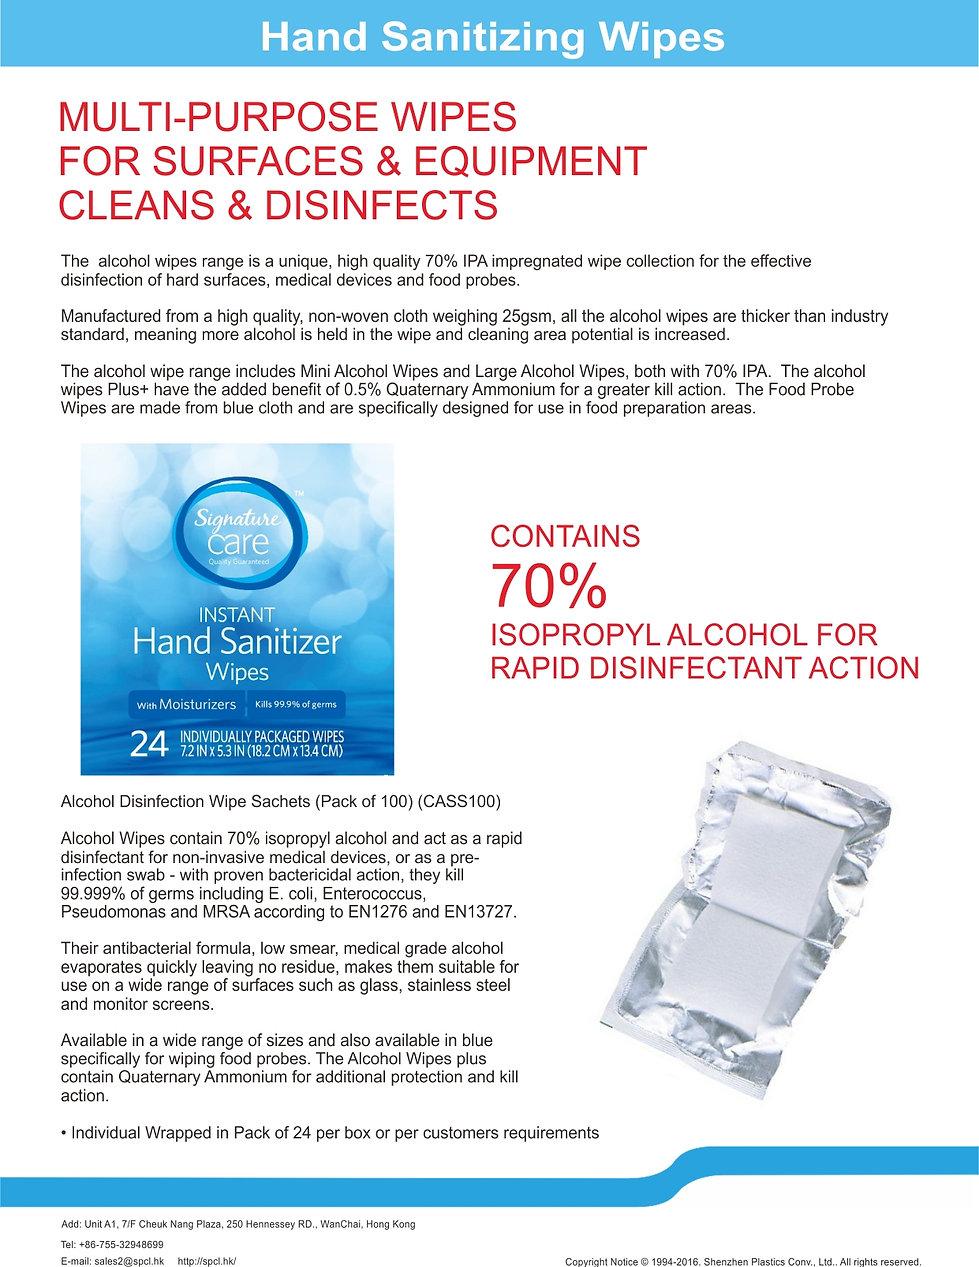 Hand Sanitizer Wet Wipes